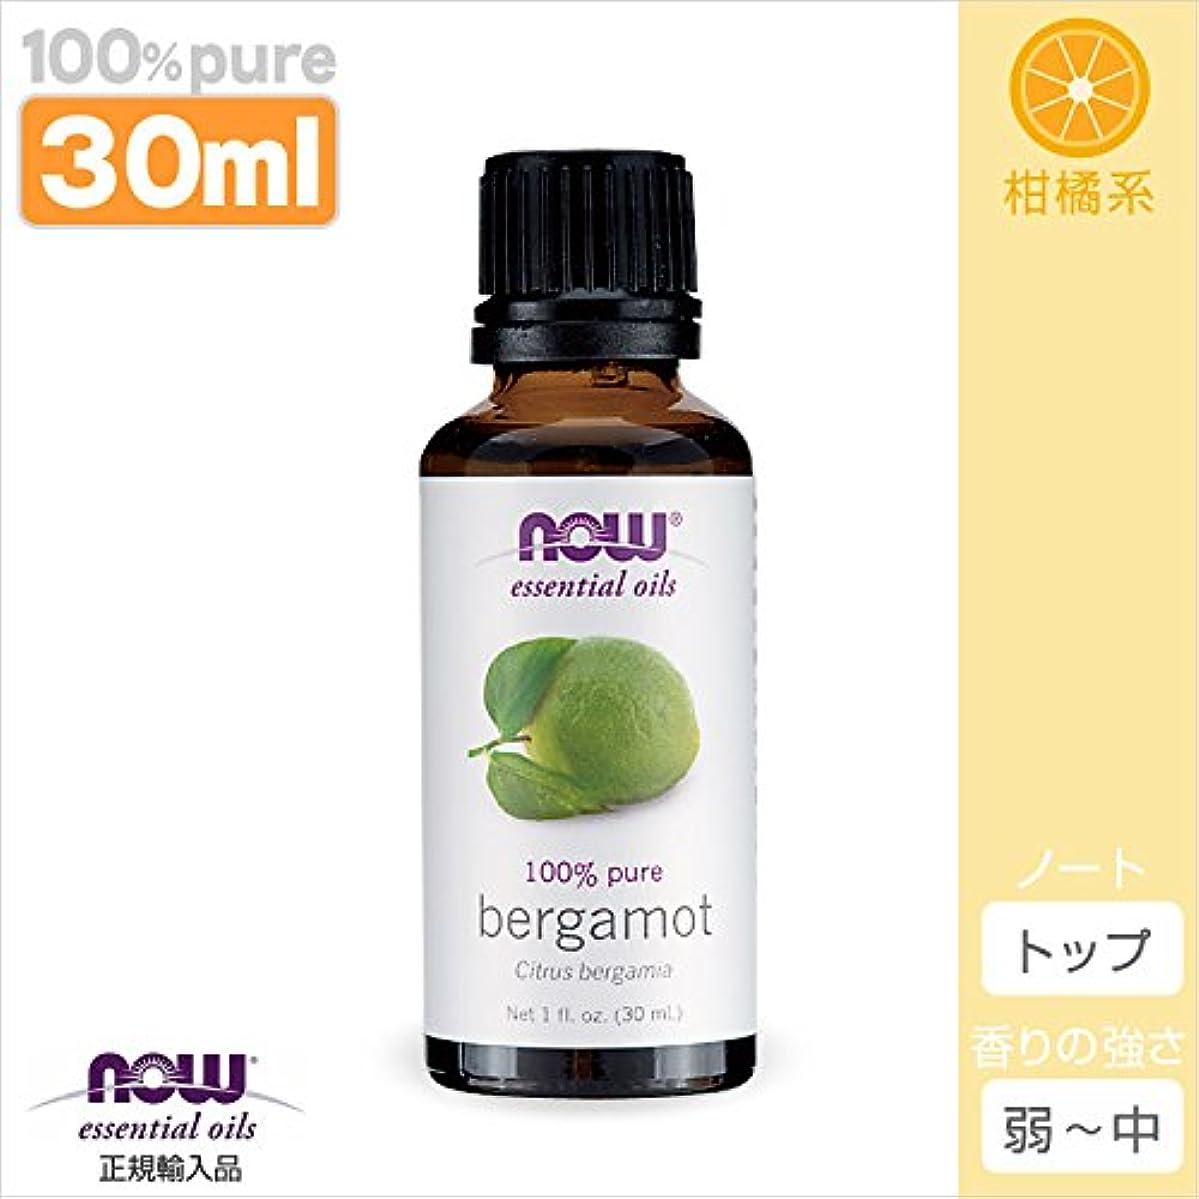 かなりのリング直感ベルガモット精油[30ml] 【正規輸入品】 NOWエッセンシャルオイル(アロマオイル)